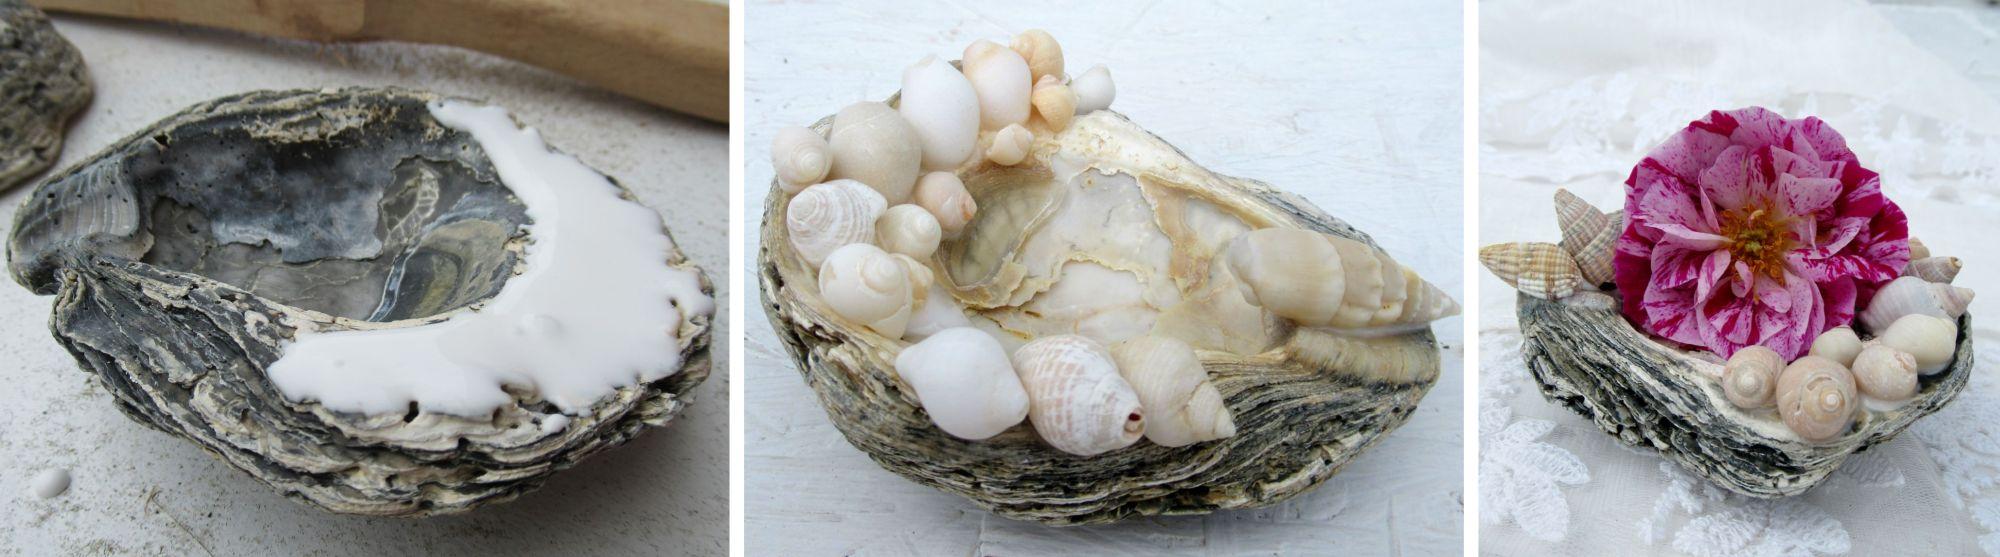 grosse Muscheln als Blumenschale und tischdeko, mit Muscheln basteln